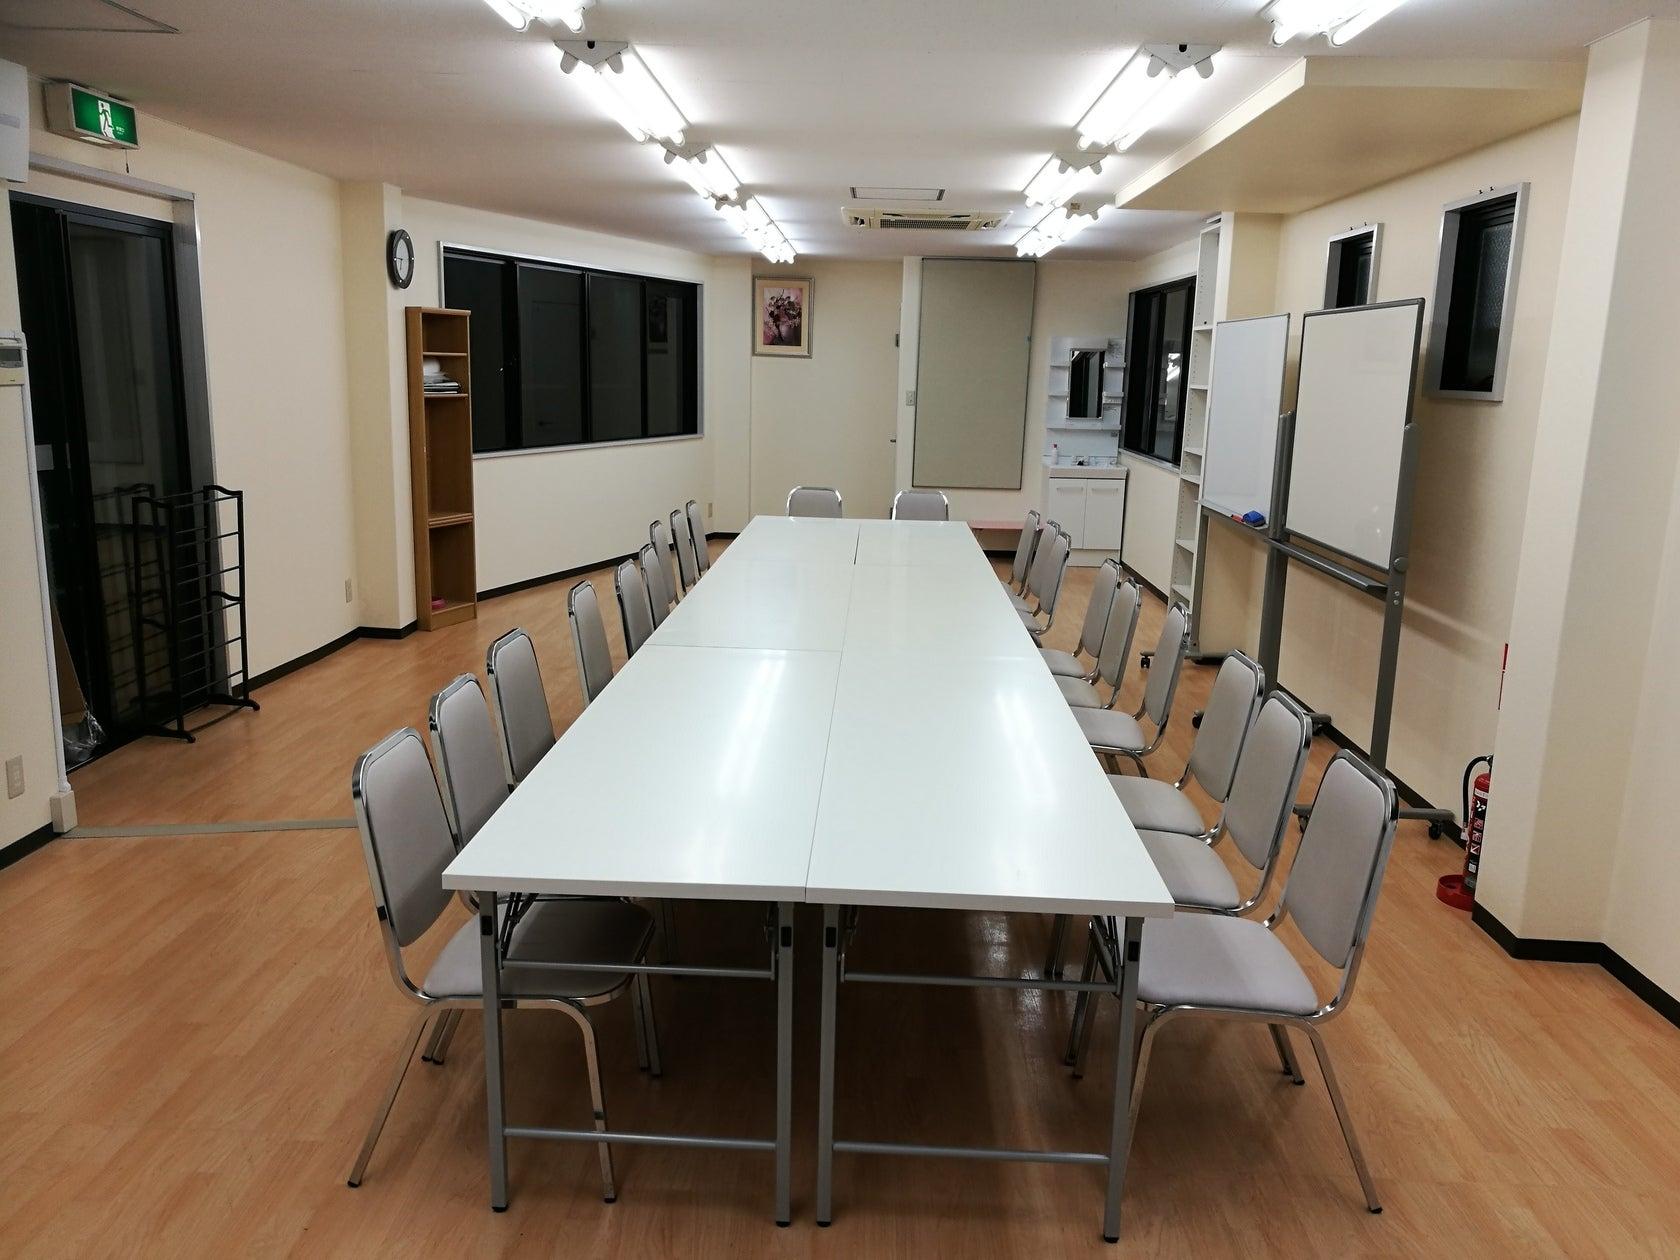 会議や教室に最適!ホワイトボード、長机、椅子、冷蔵庫、シンク、コンロ完備。(レンタルスペースMontblanc (モンブラン)) の写真0